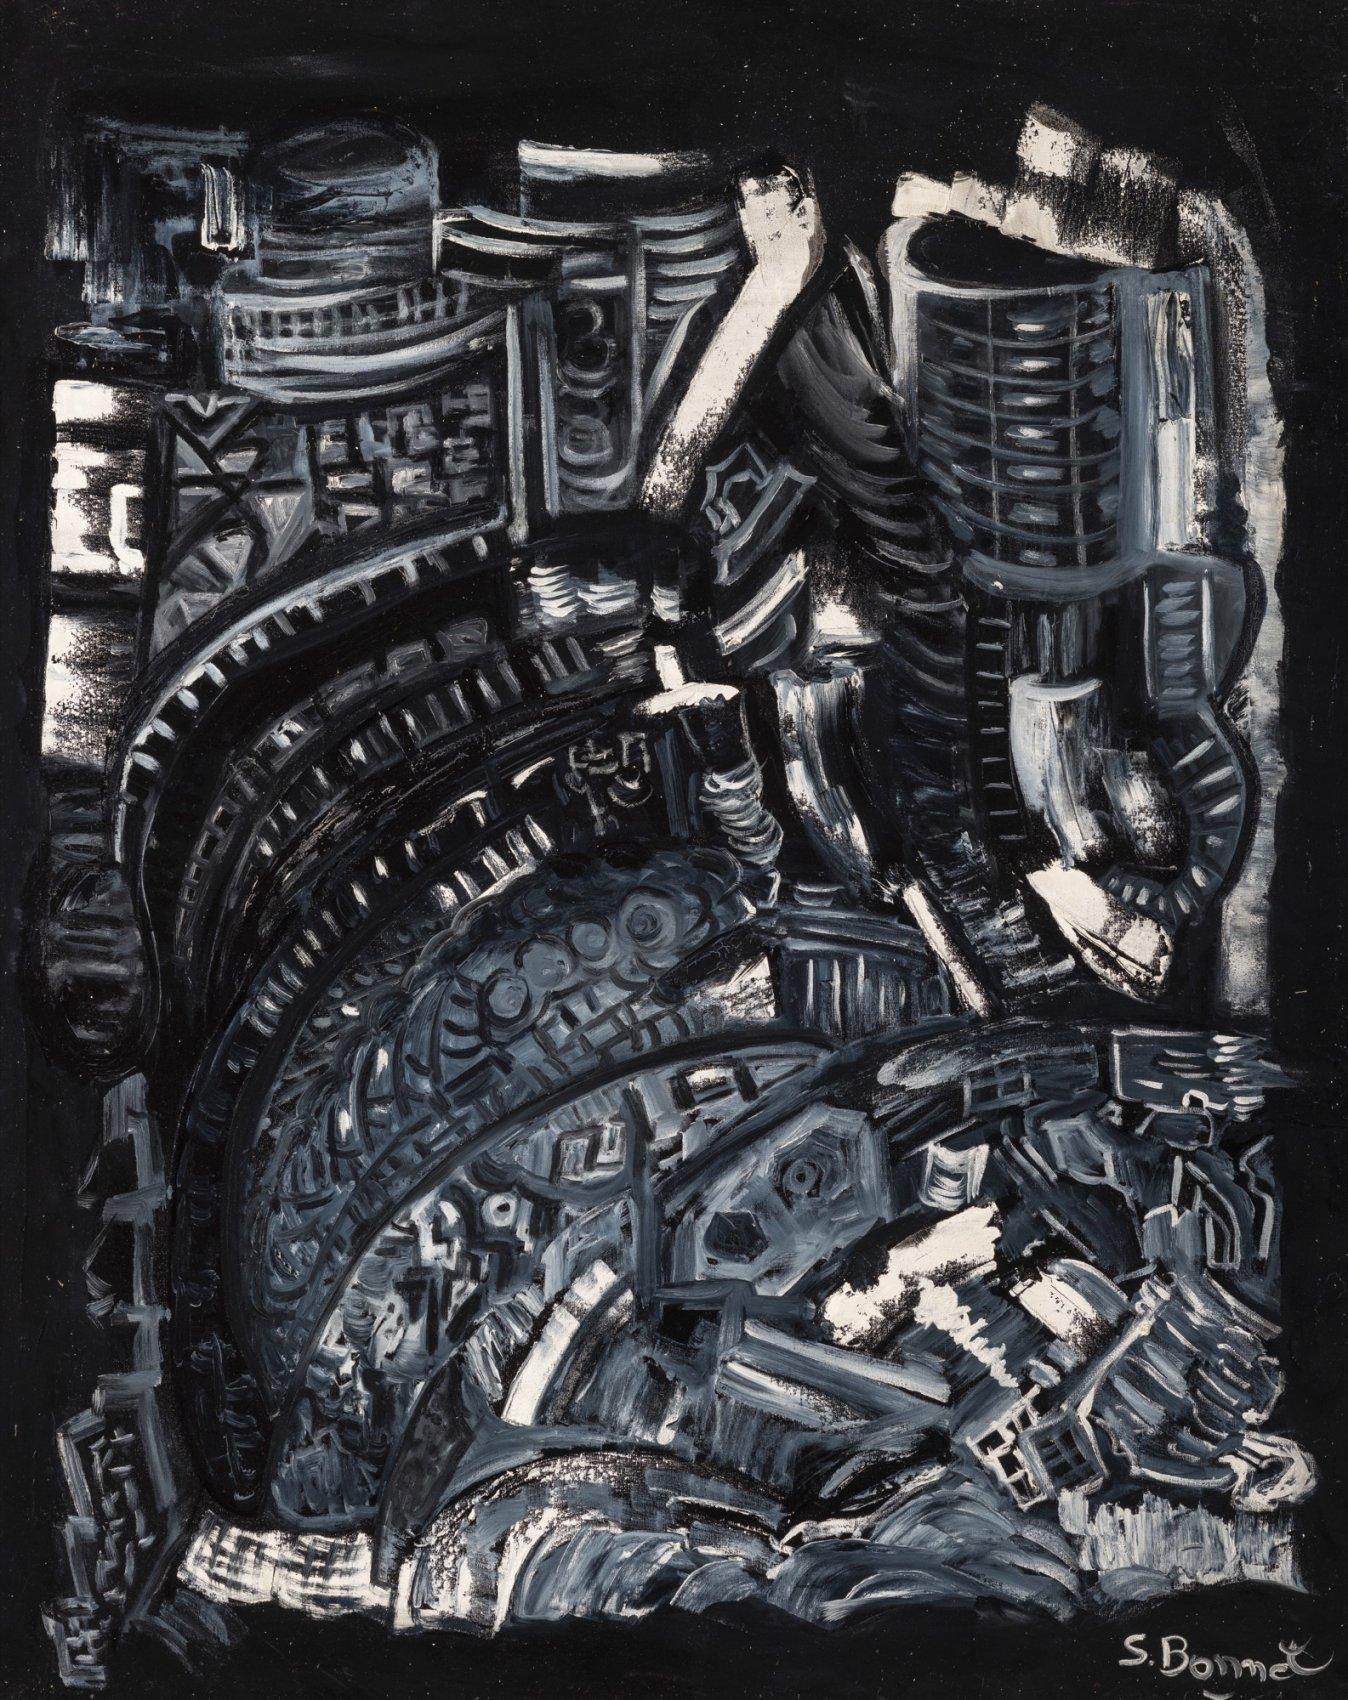 URBE (2015) - Susana Bonnet